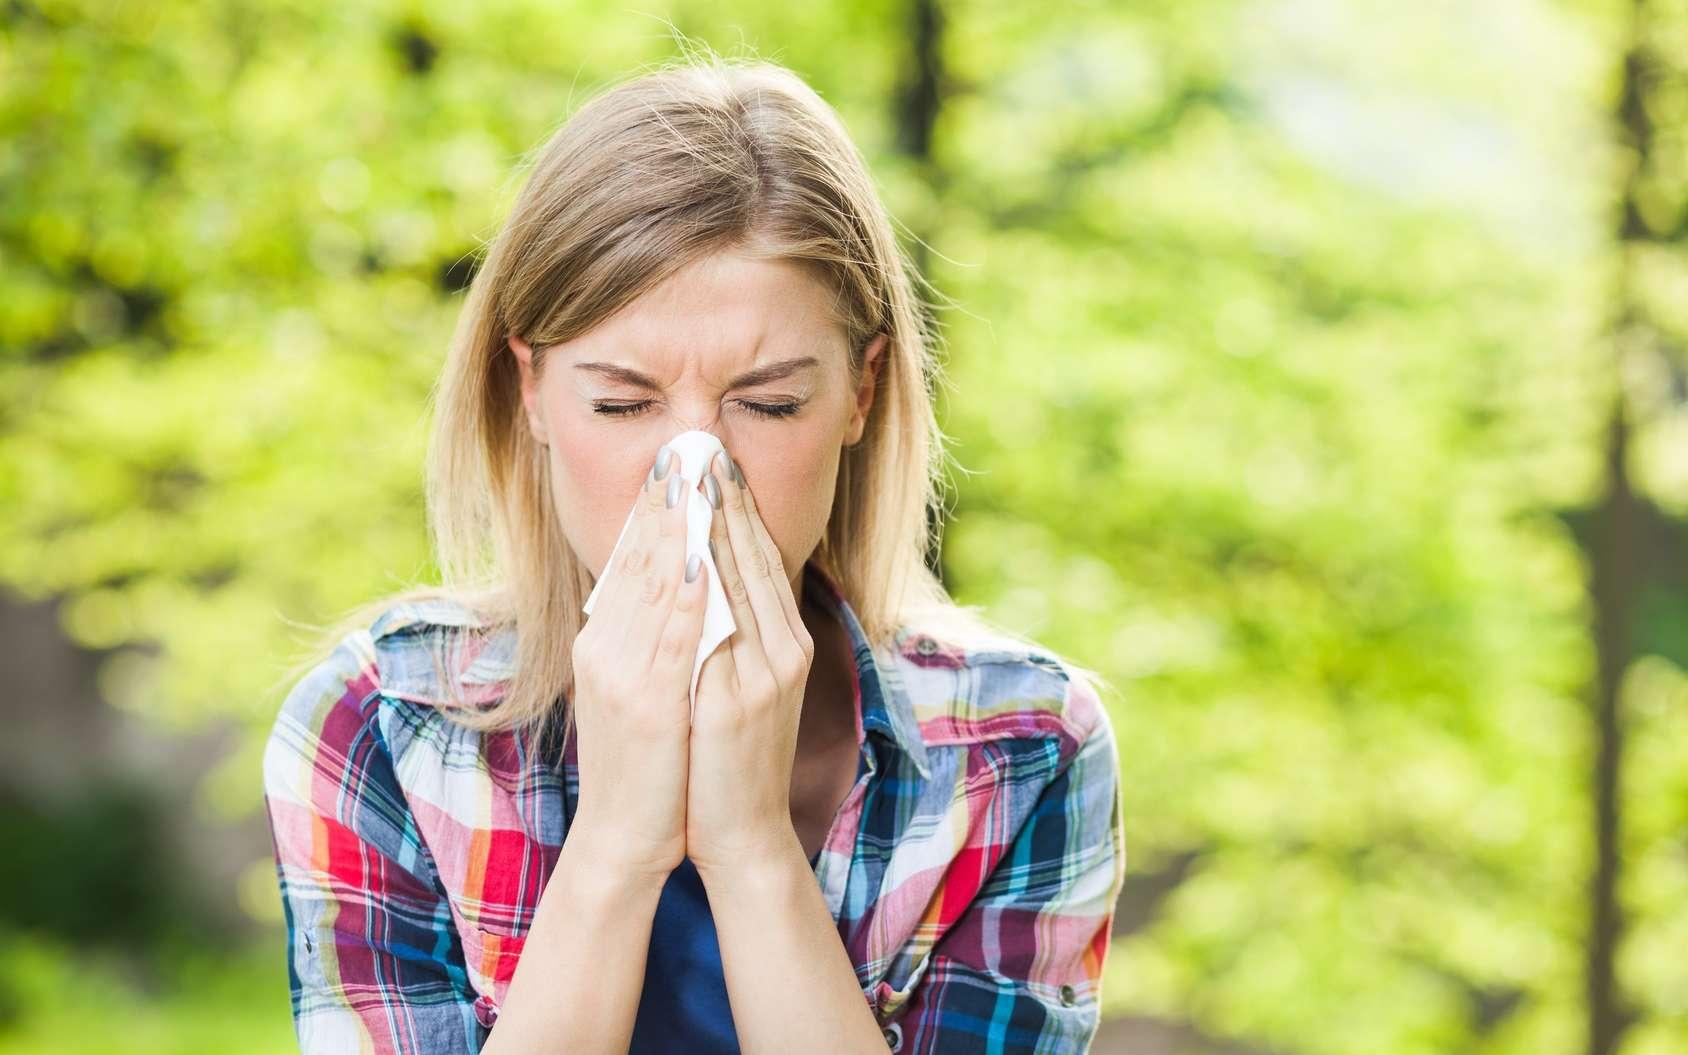 Les allergies saisonnières sont liées aux pollens, surtout présents au printemps et en été. © djoronimo, Fotolia